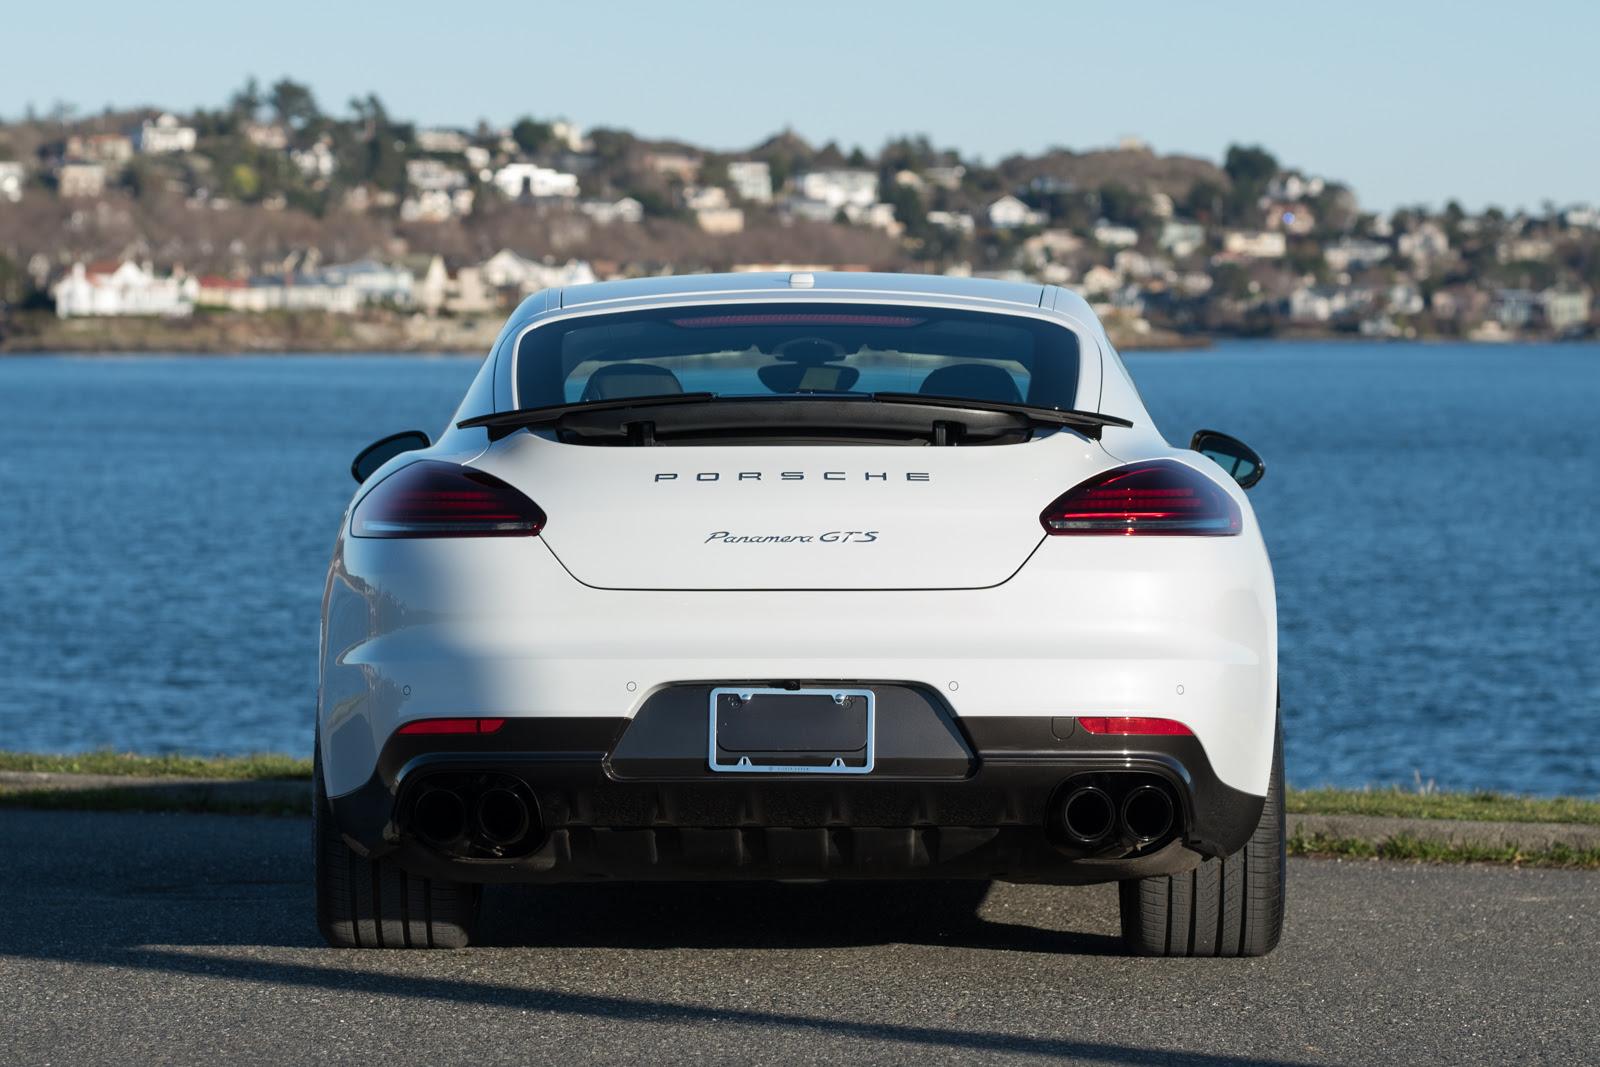 2016 Porsche Panamera Gts Exclusive North America Edition